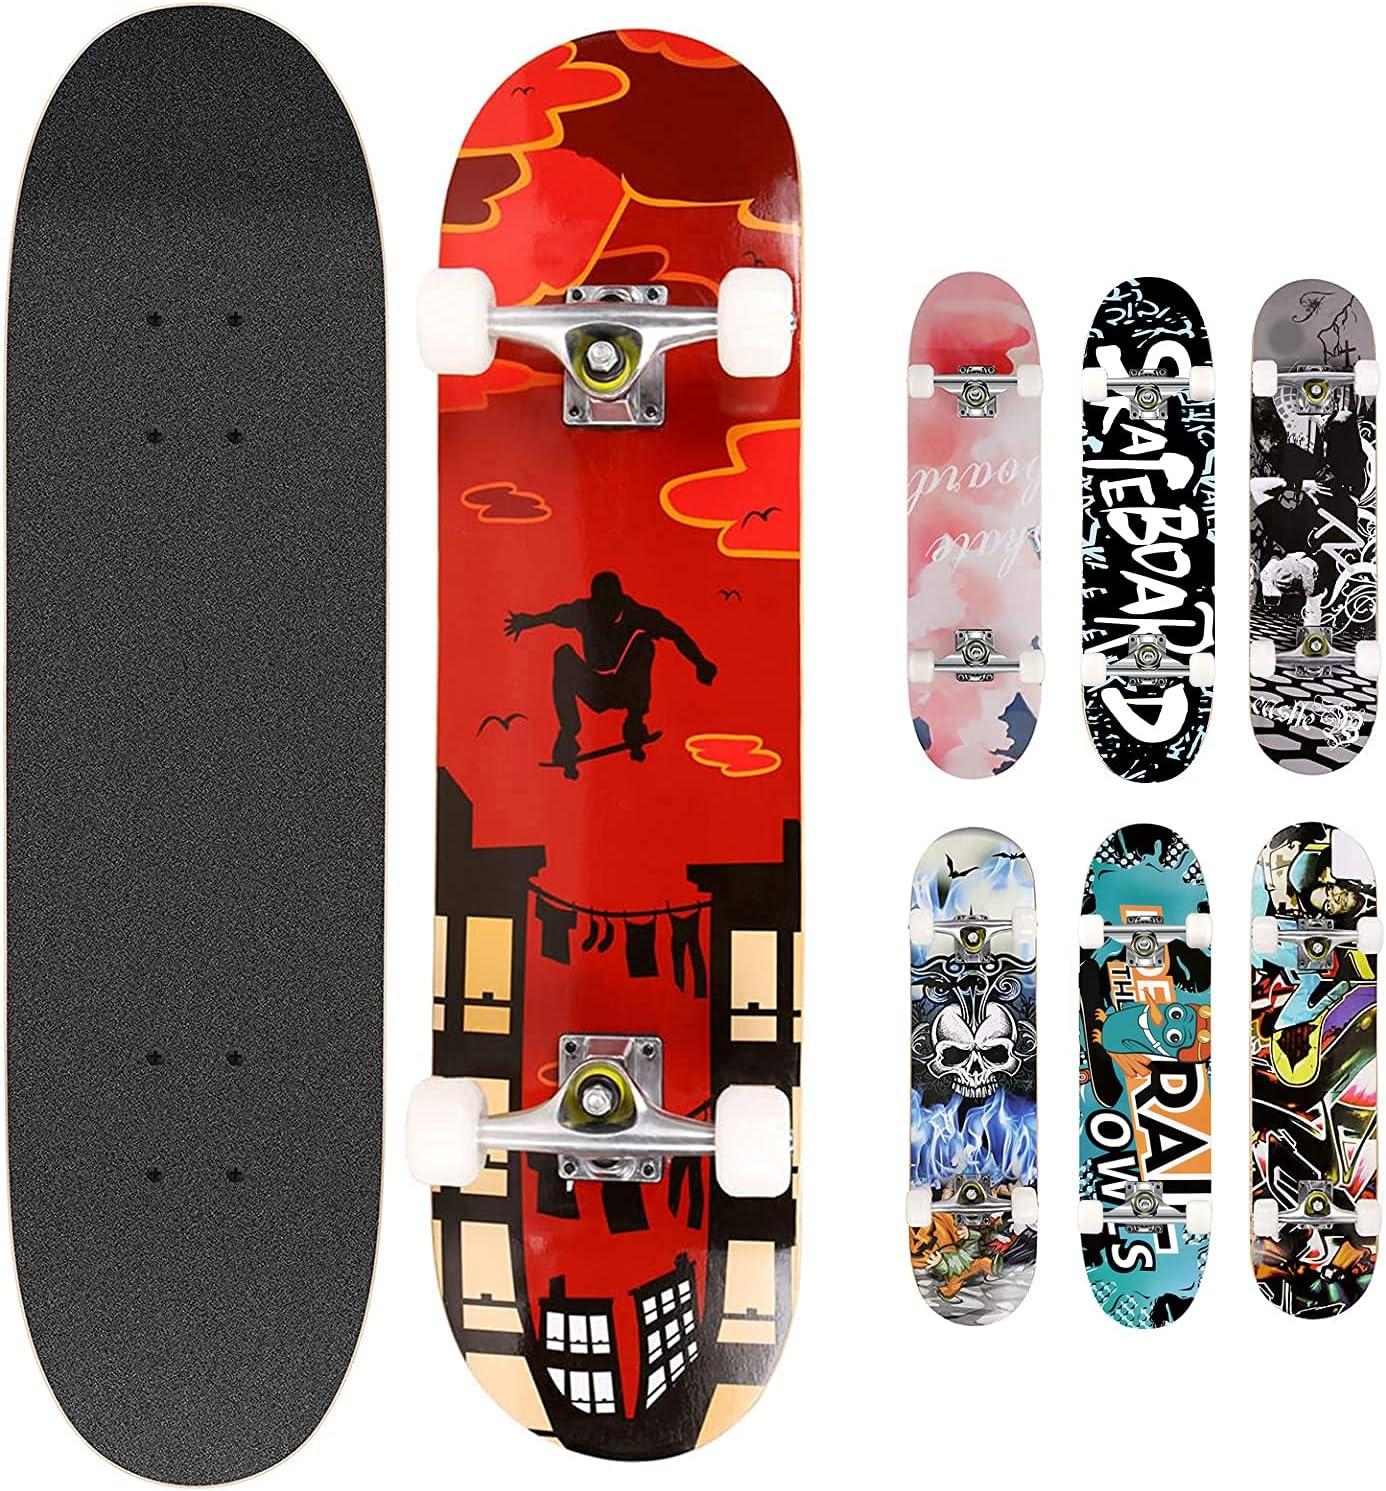 Choose Color or Design Surf and Skate Warehouse Skateboard Complete